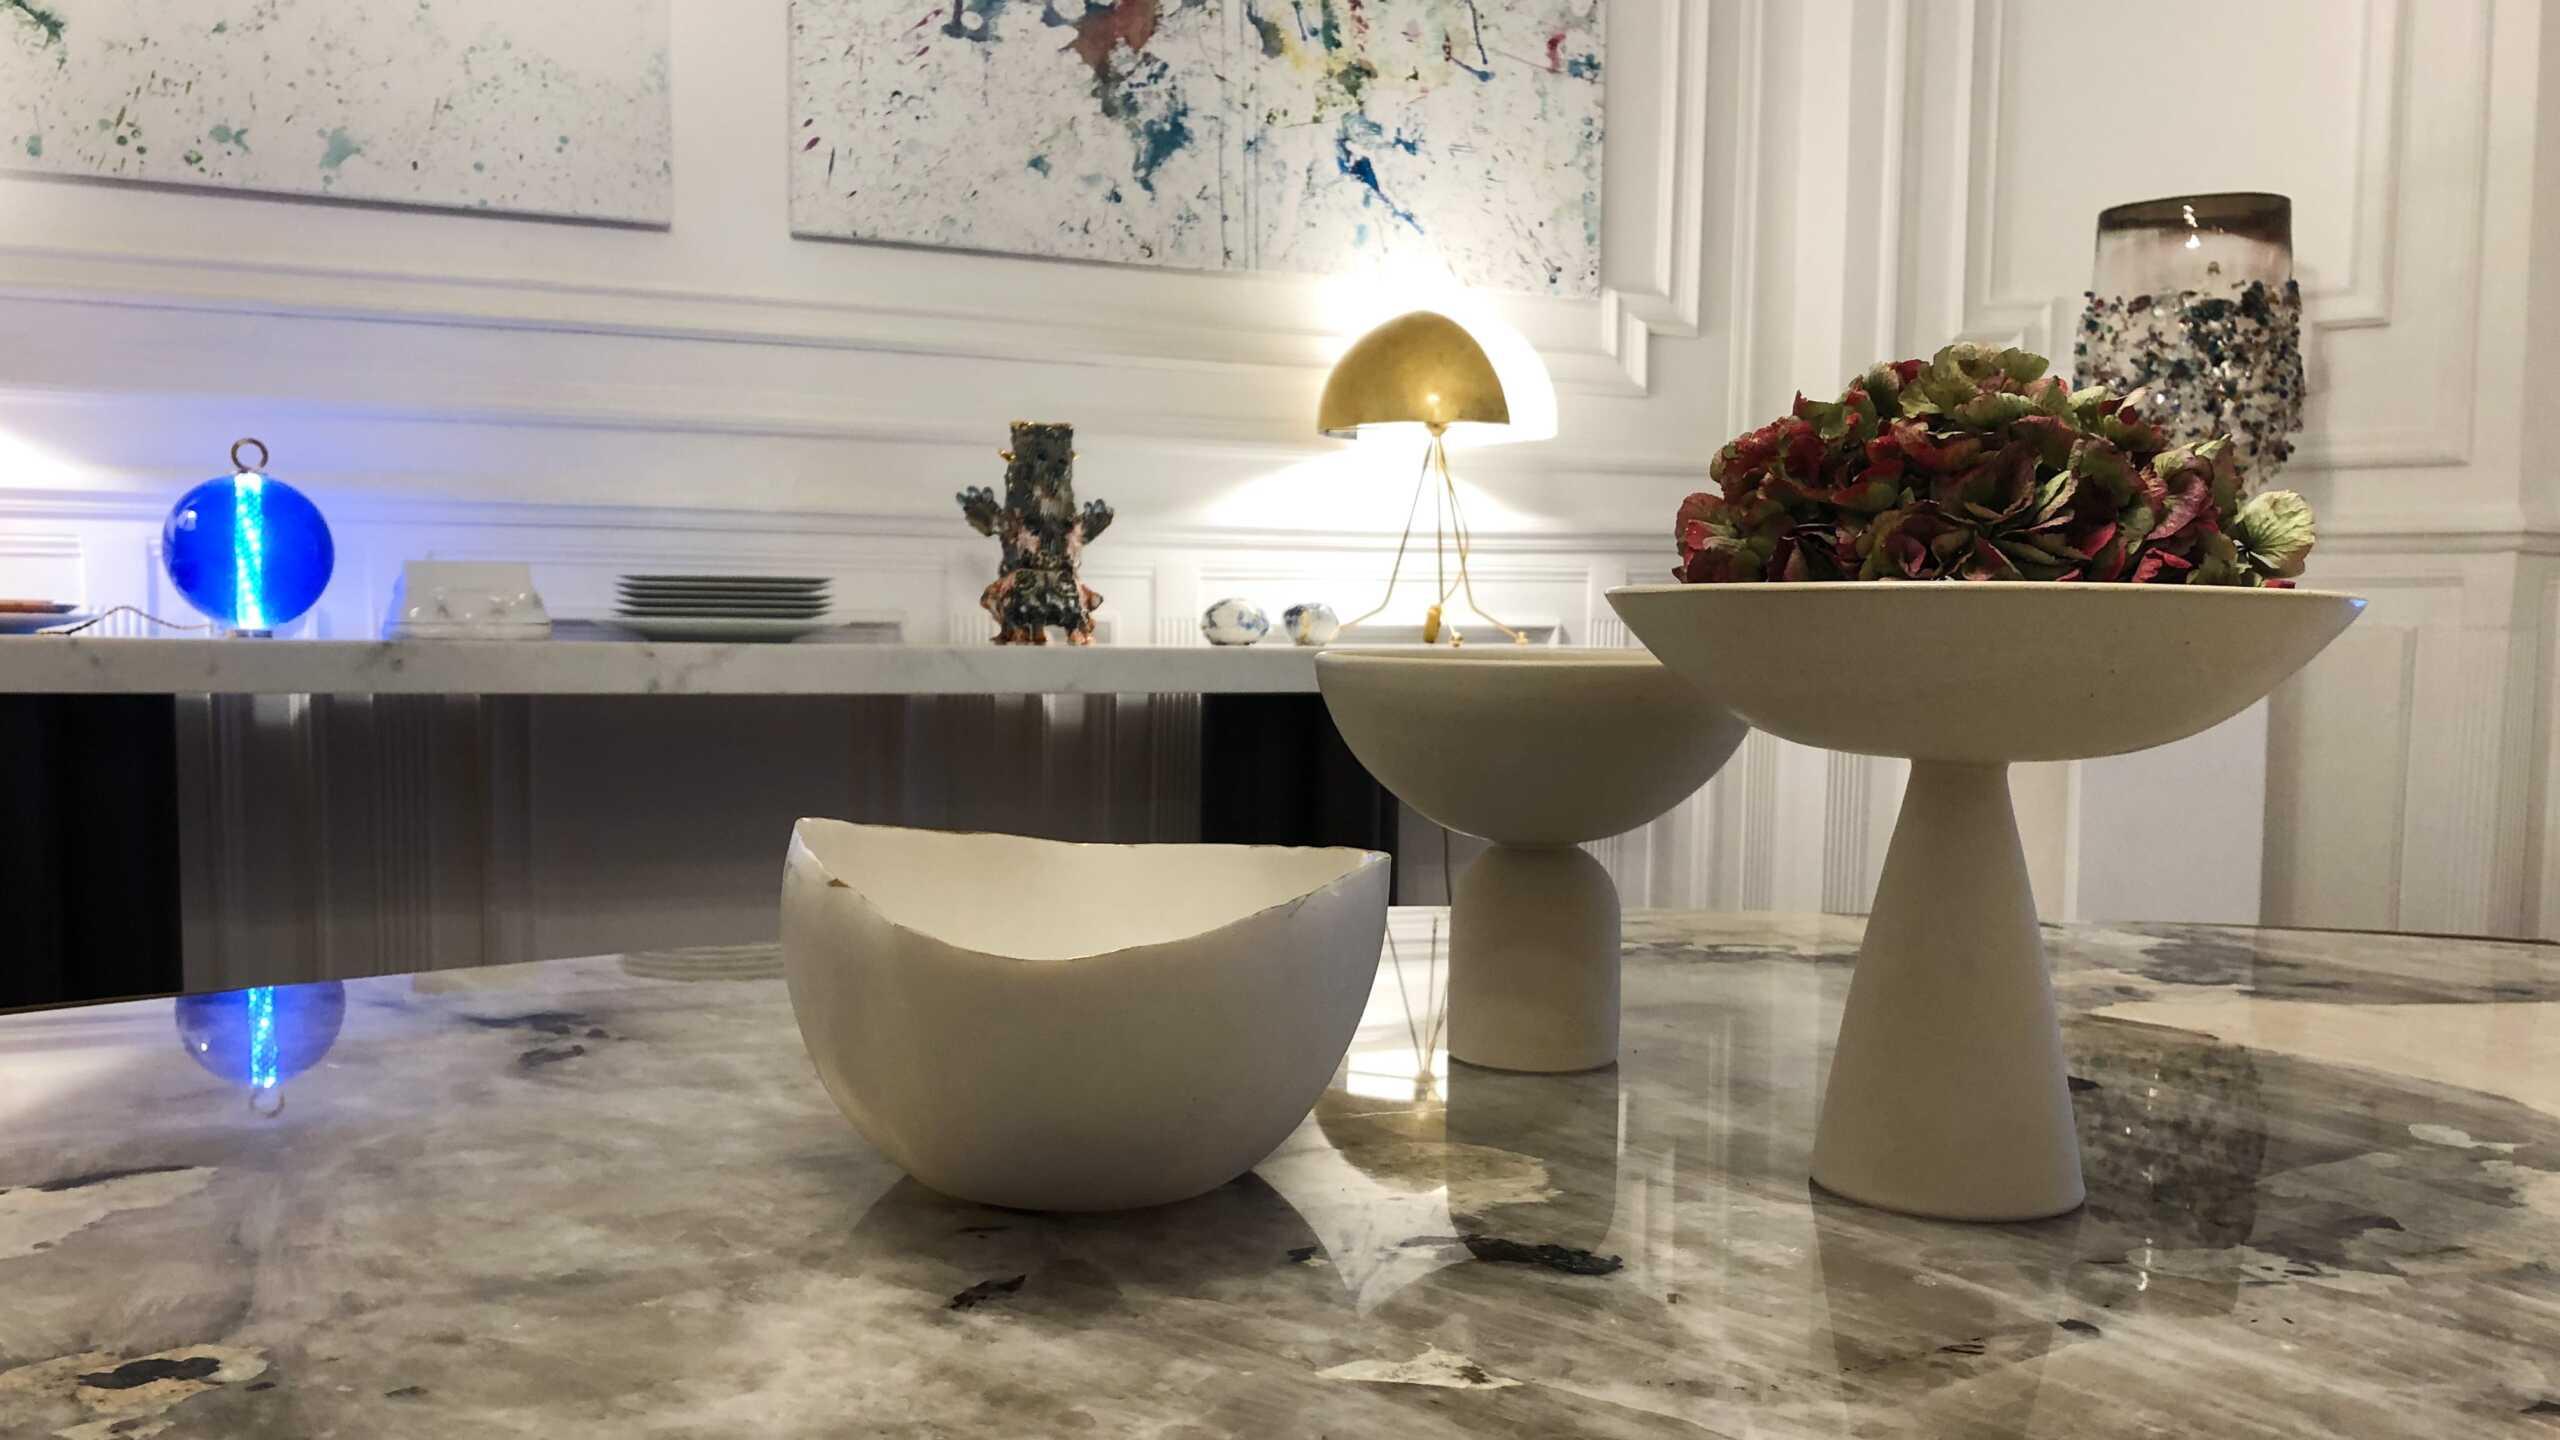 Katia Jacquet's ceramics